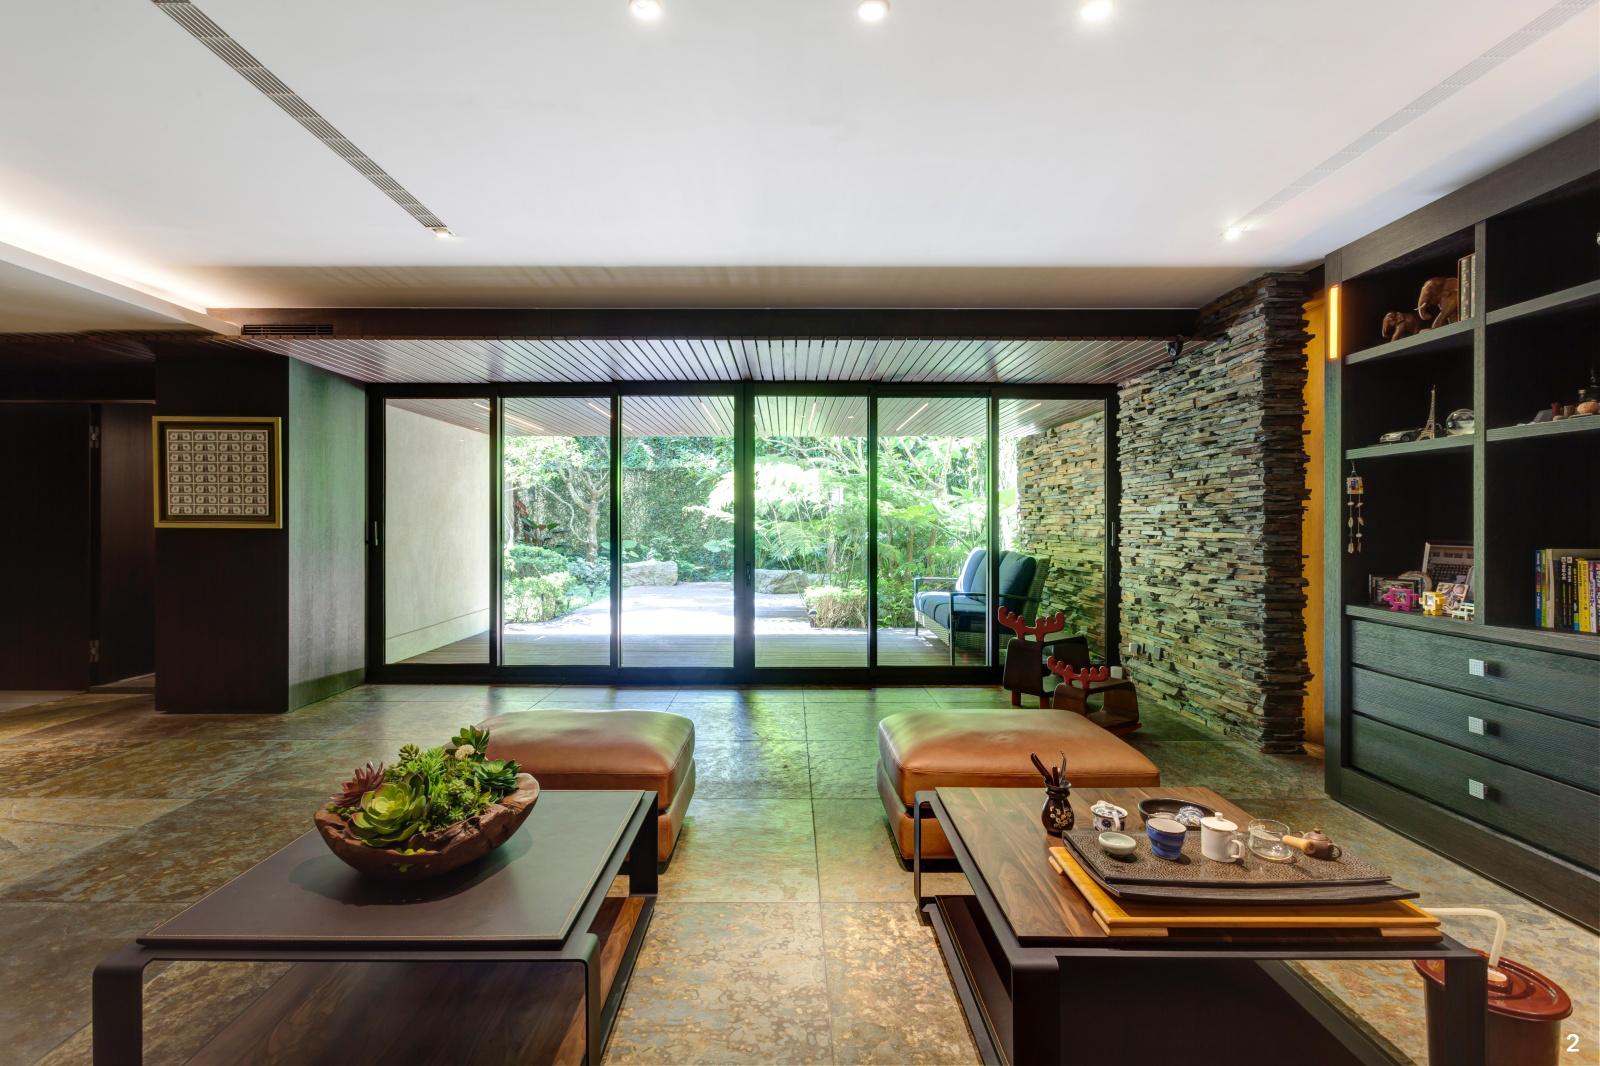 2. 一樓室外有著寬廣的停車空間;室內則以石材及木材質打造低調奢華的交誼大廳。